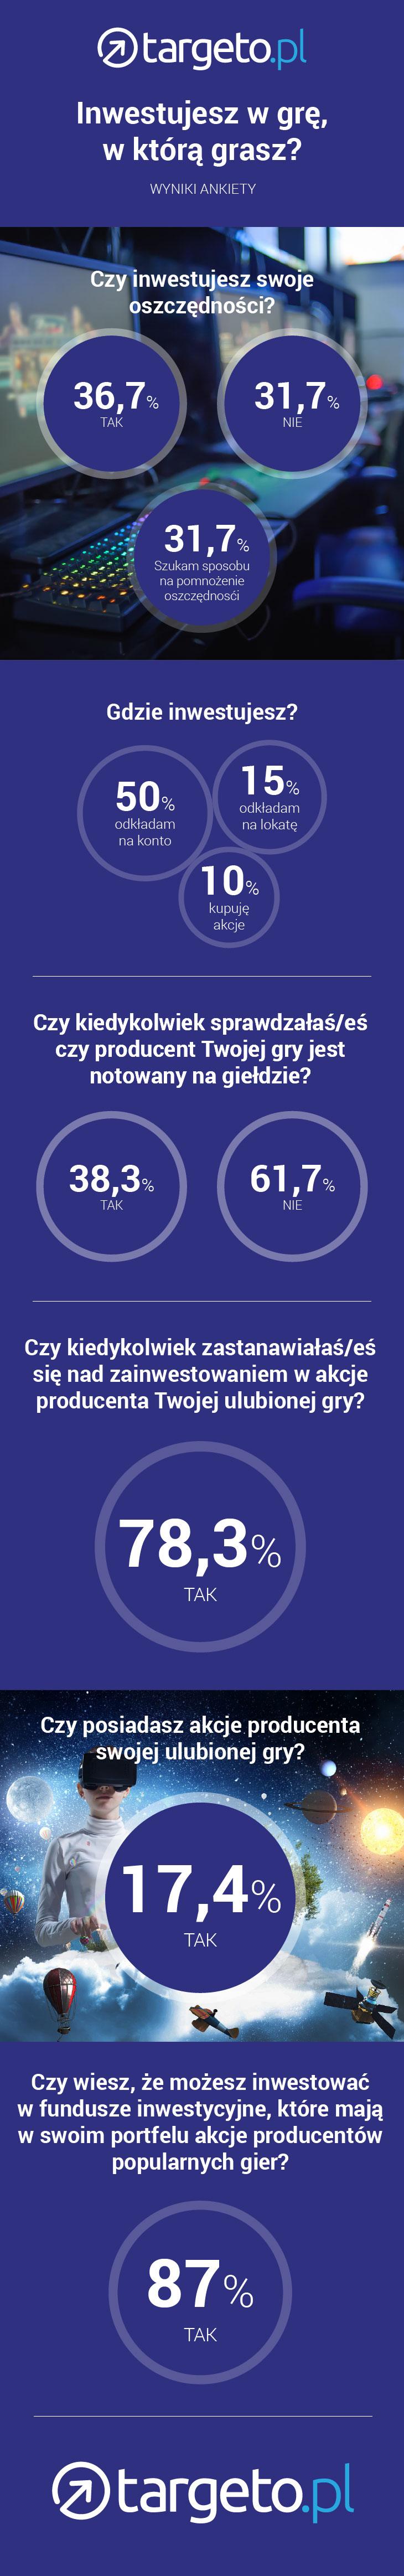 targeto-infografika-ankieta-czy-inwestujesz-w-gre-w-ktora-grasz